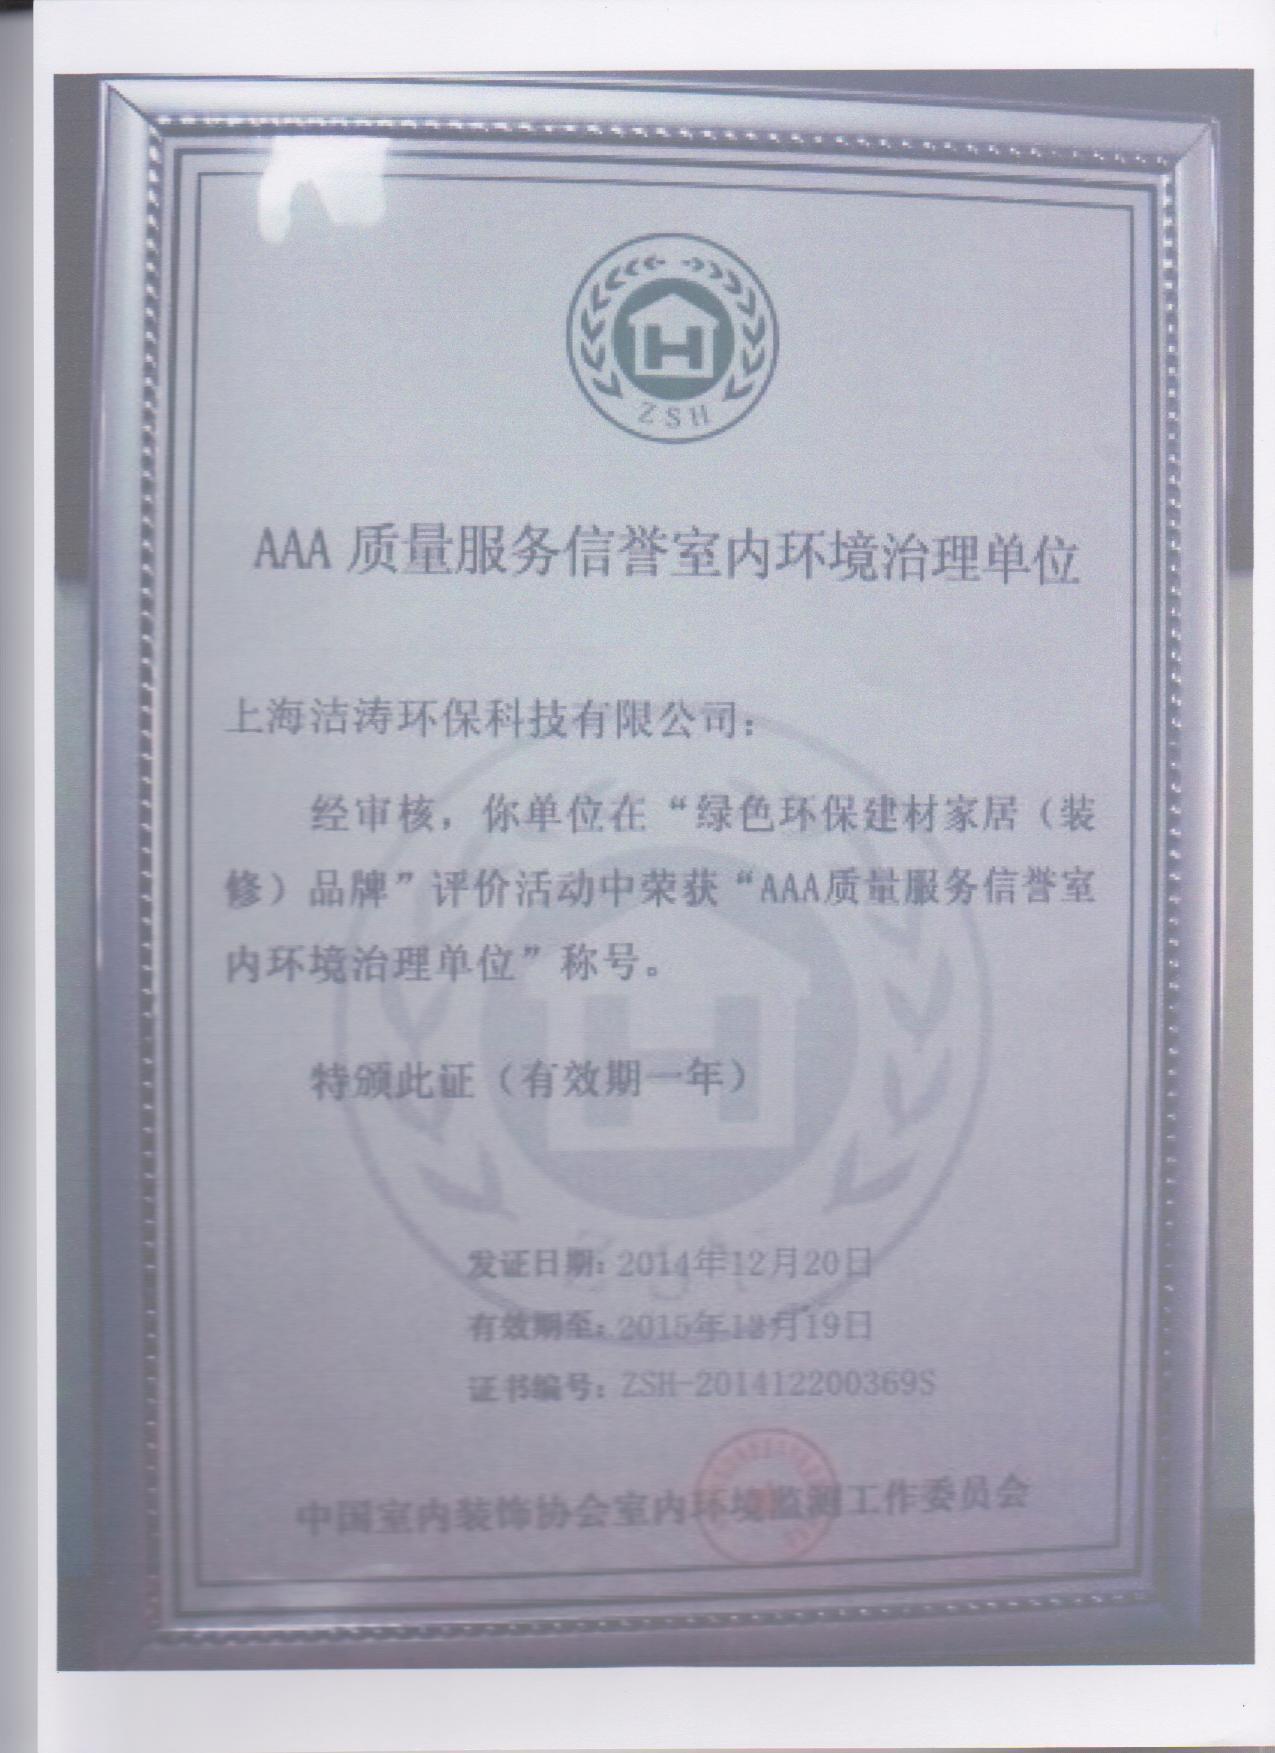 AAA污染治理证书.jpg